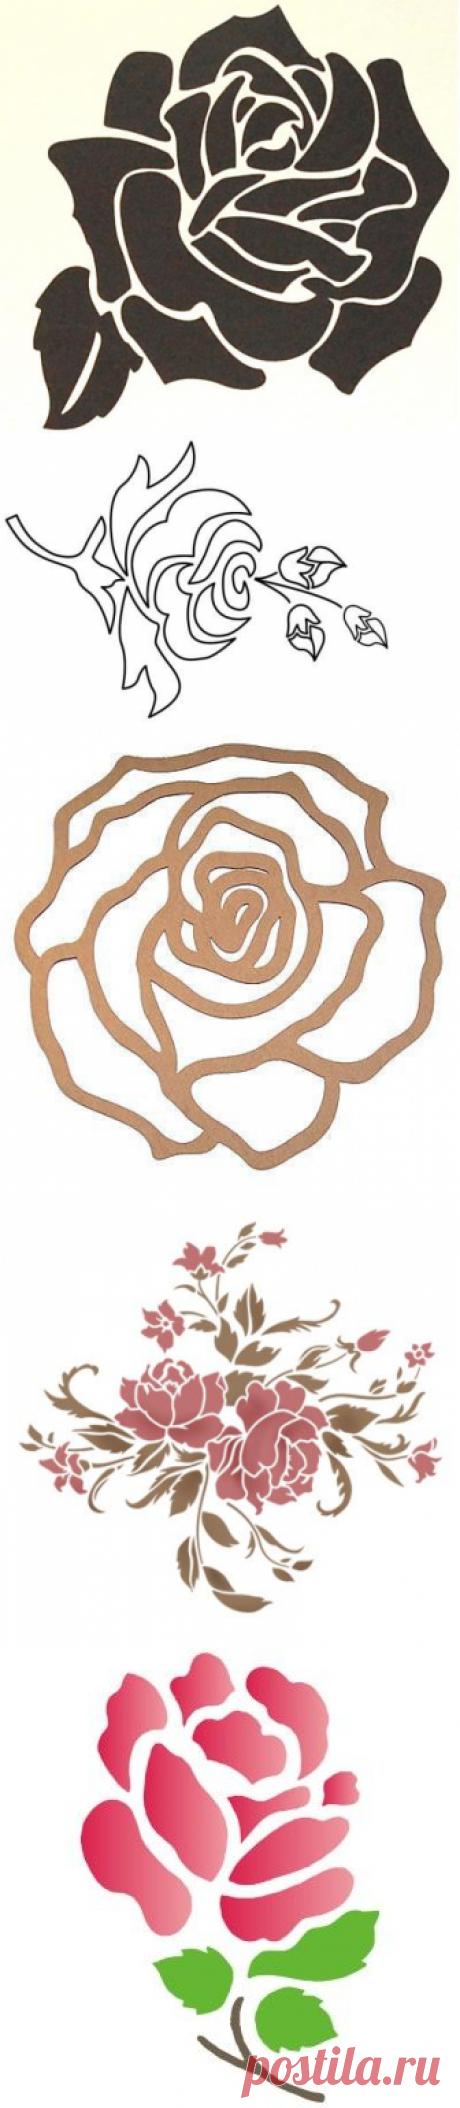 трафареты роз,розовые трафареты